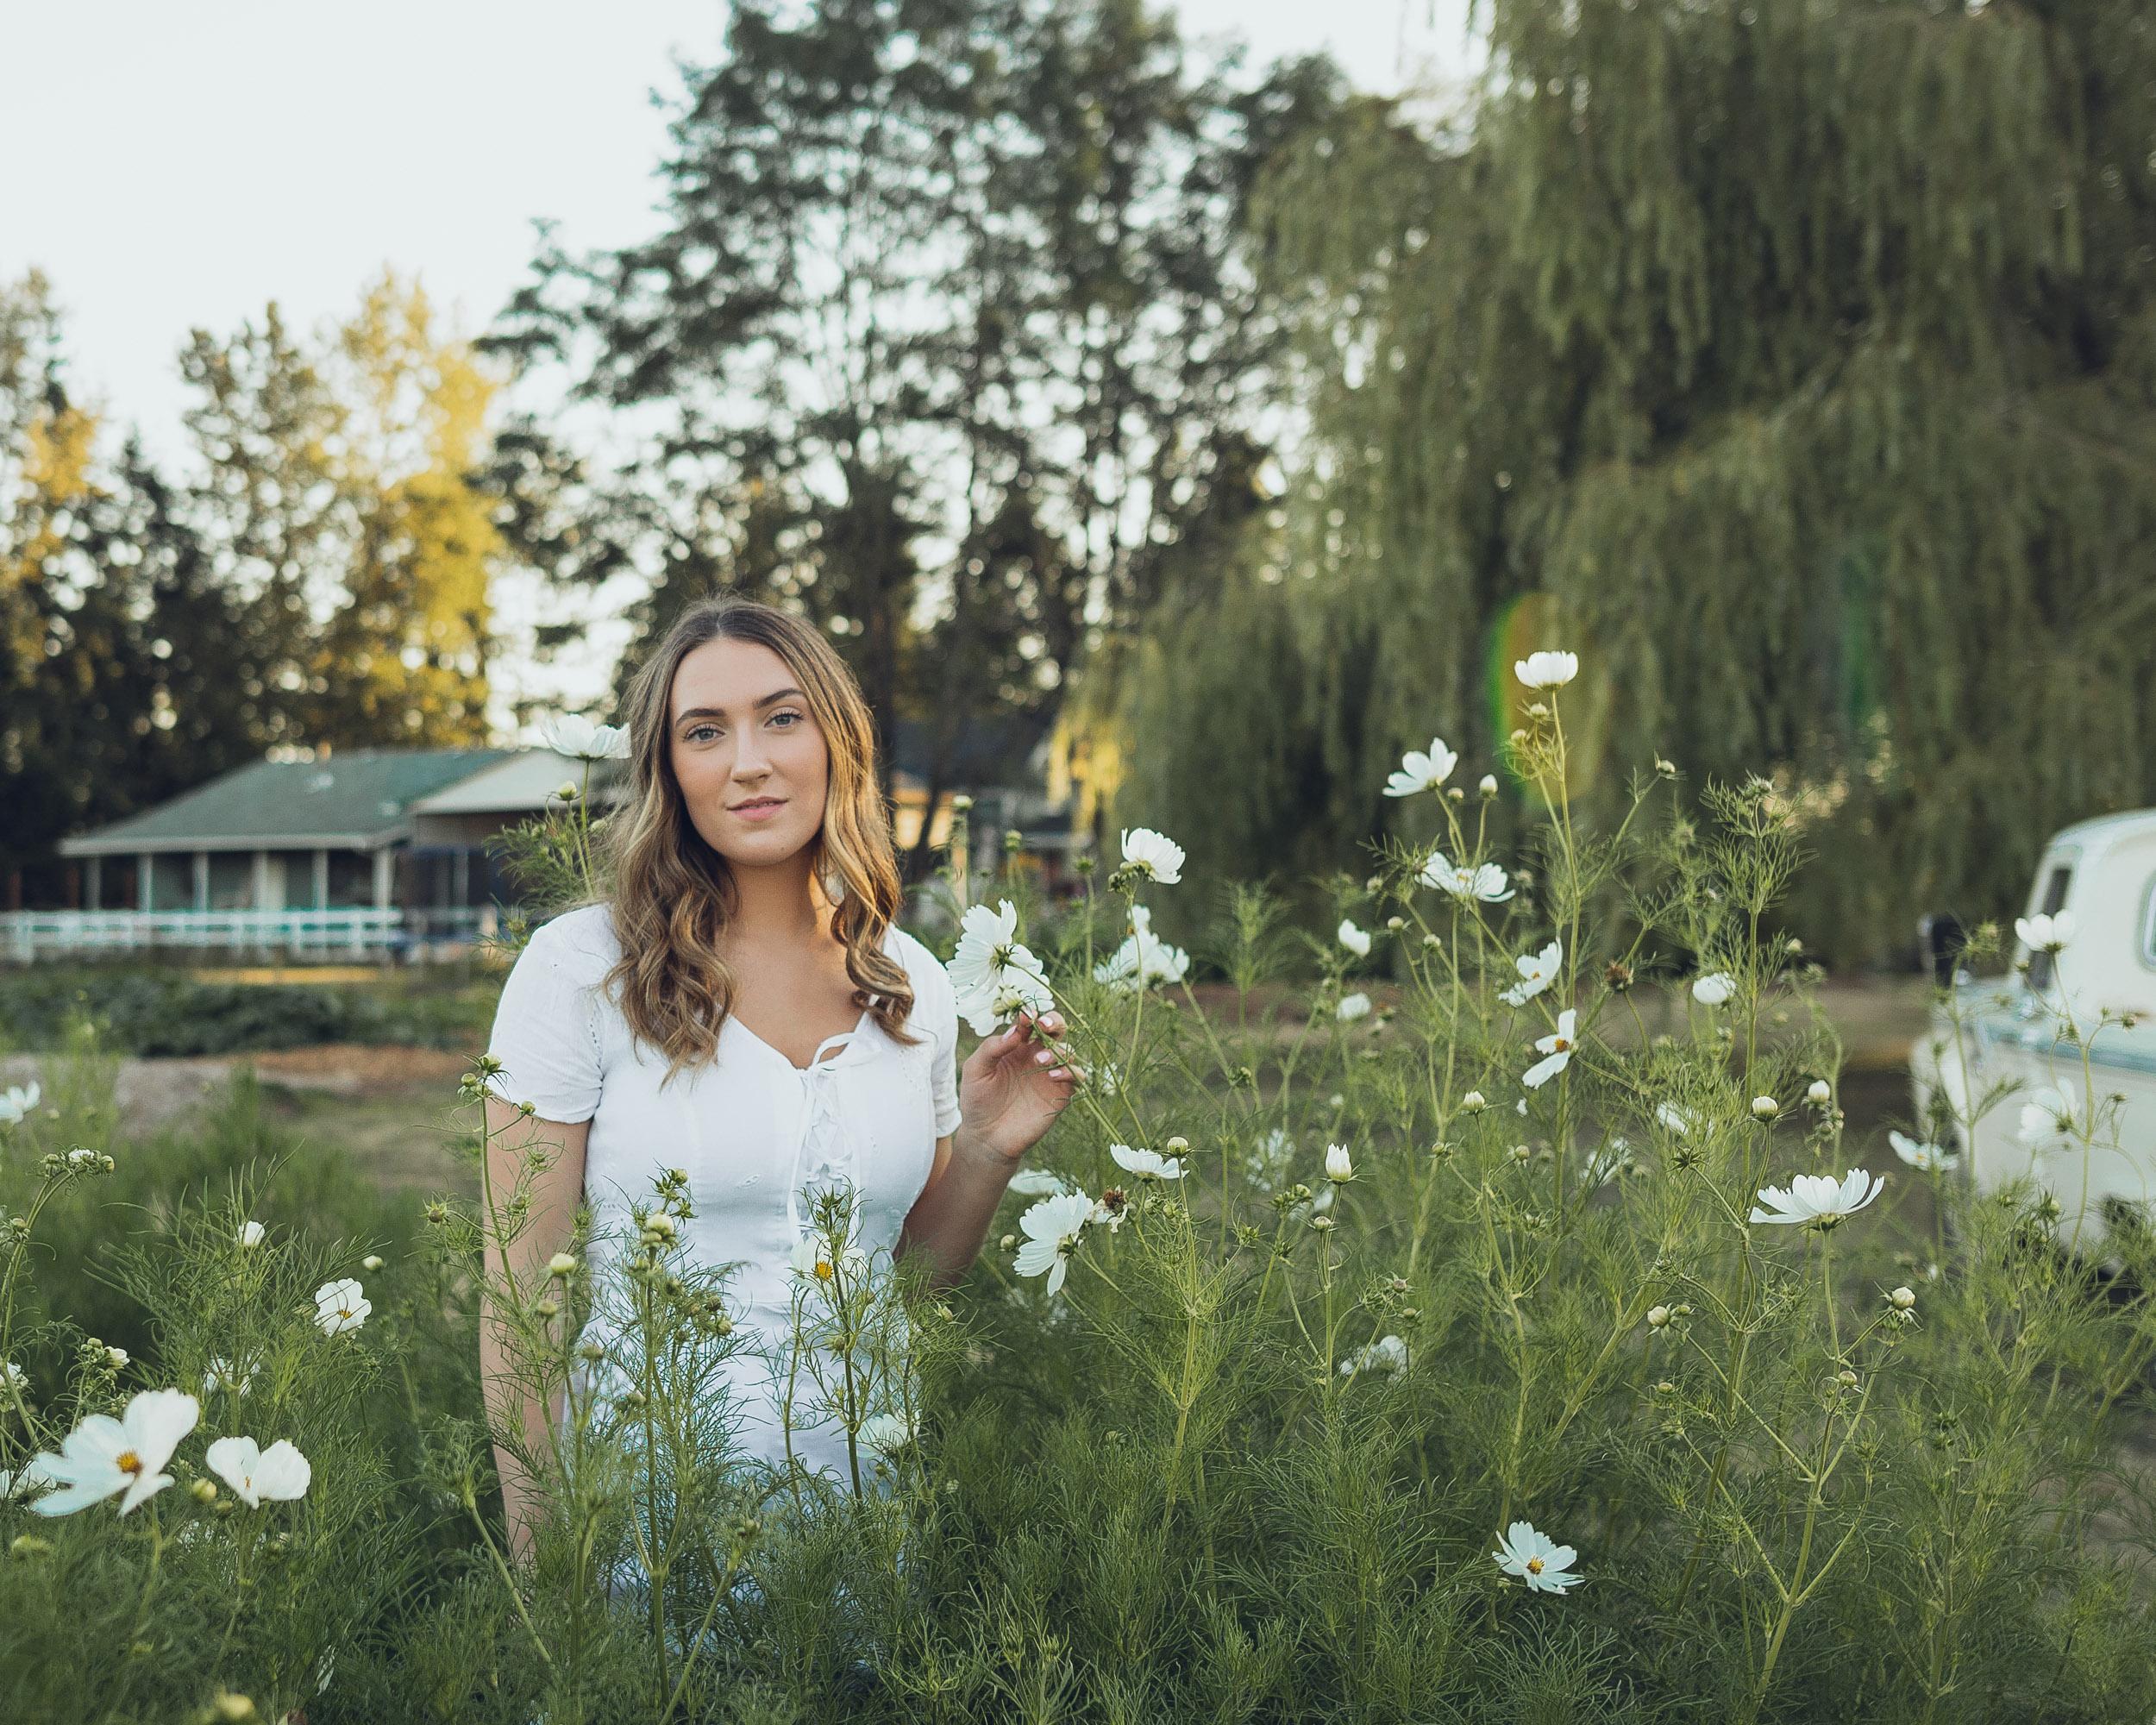 Seniorportraitsseattle-39.jpg